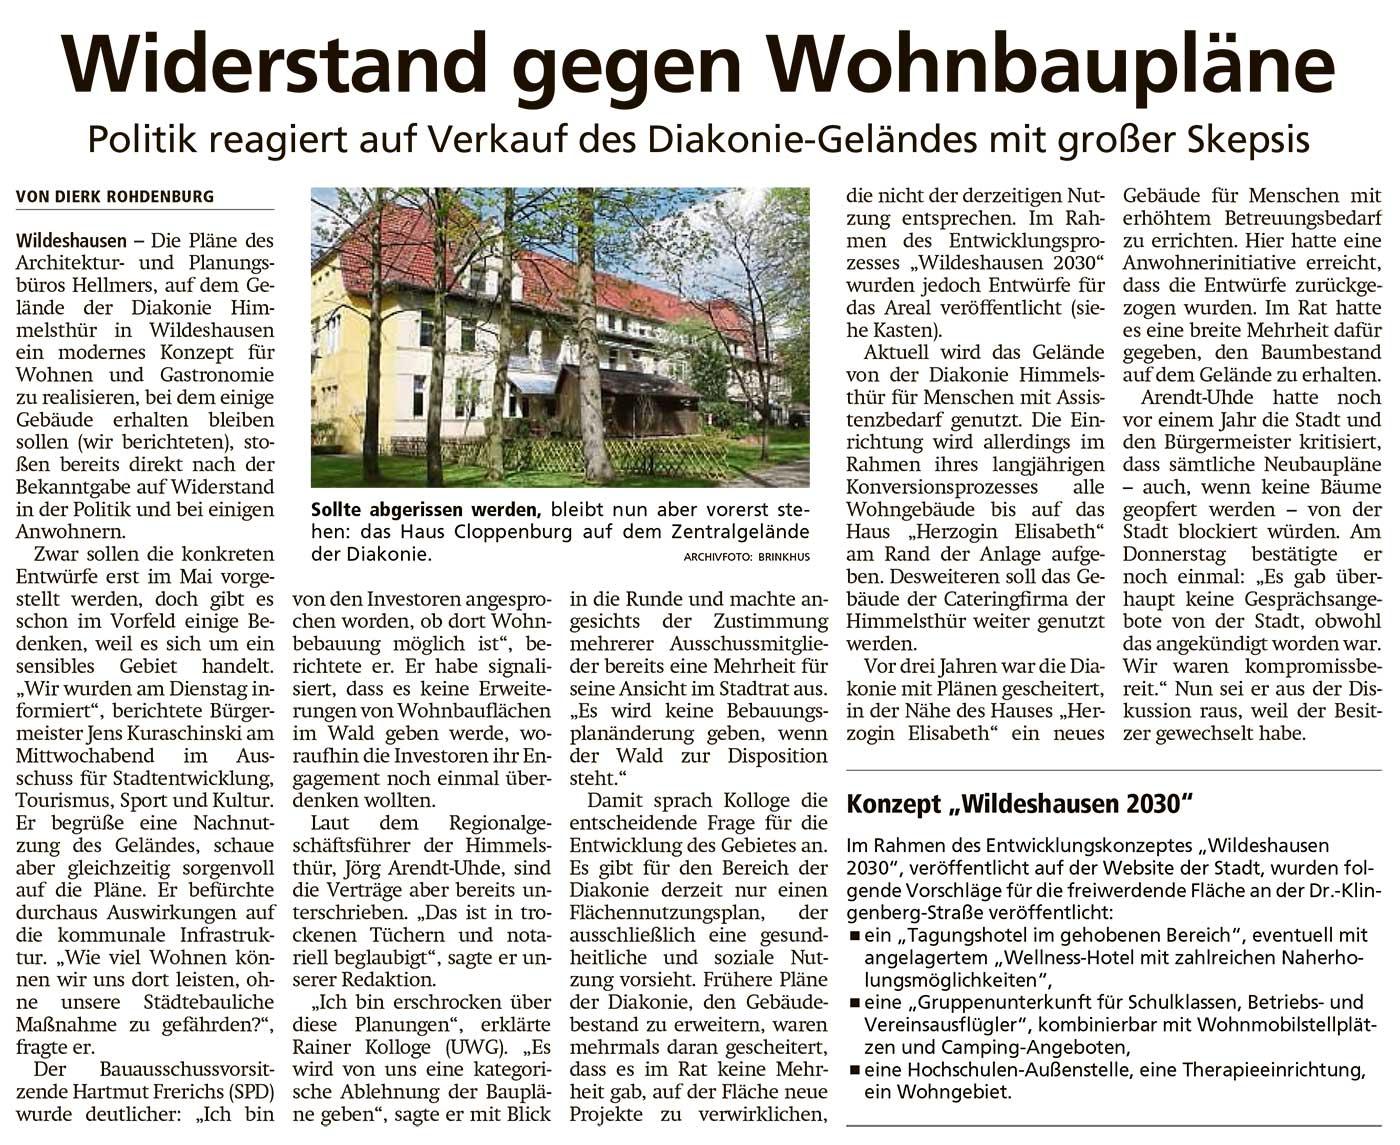 Widerstand gegen WohnungsbauplänePolitik reagiert auf Verkauf des Diakonie-Geländes mit großer SkepsisArtikel vom 16.04.2021 (WZ)